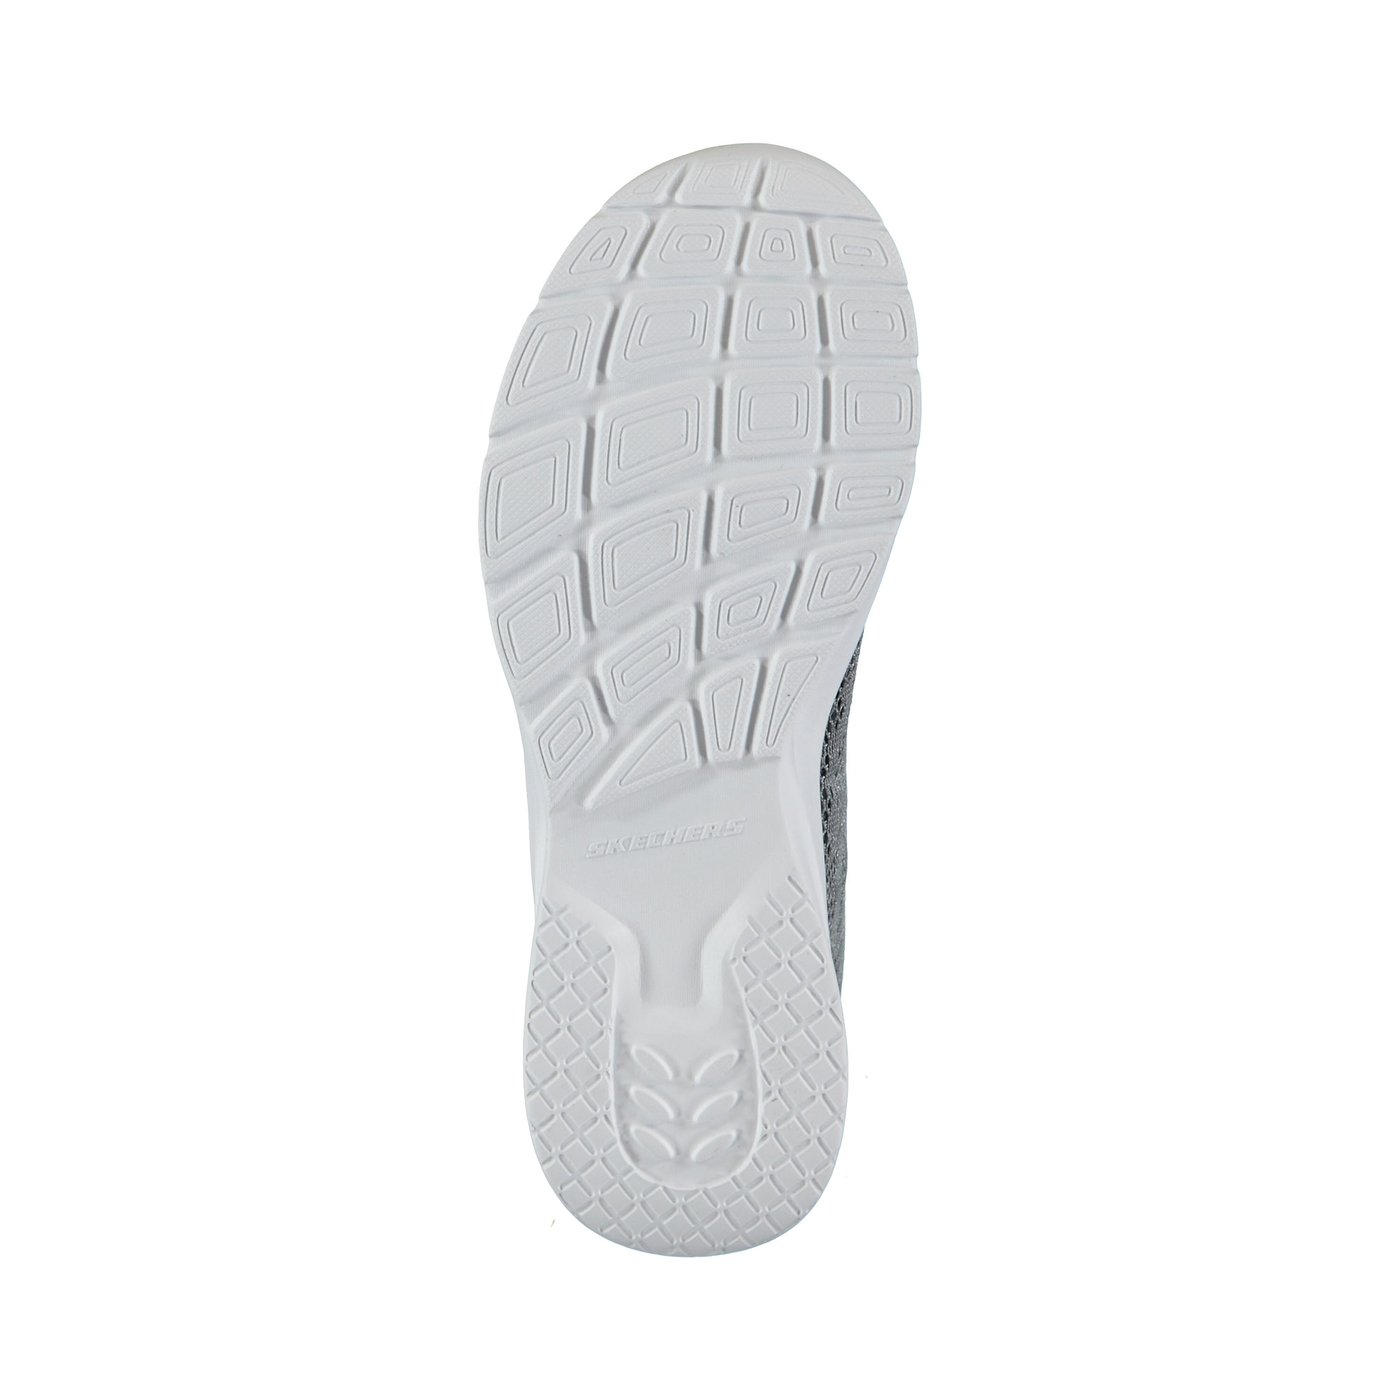 Skechers Dynamight 2.0-Homespun Kadın Gri-Mor Spor Ayakkabı